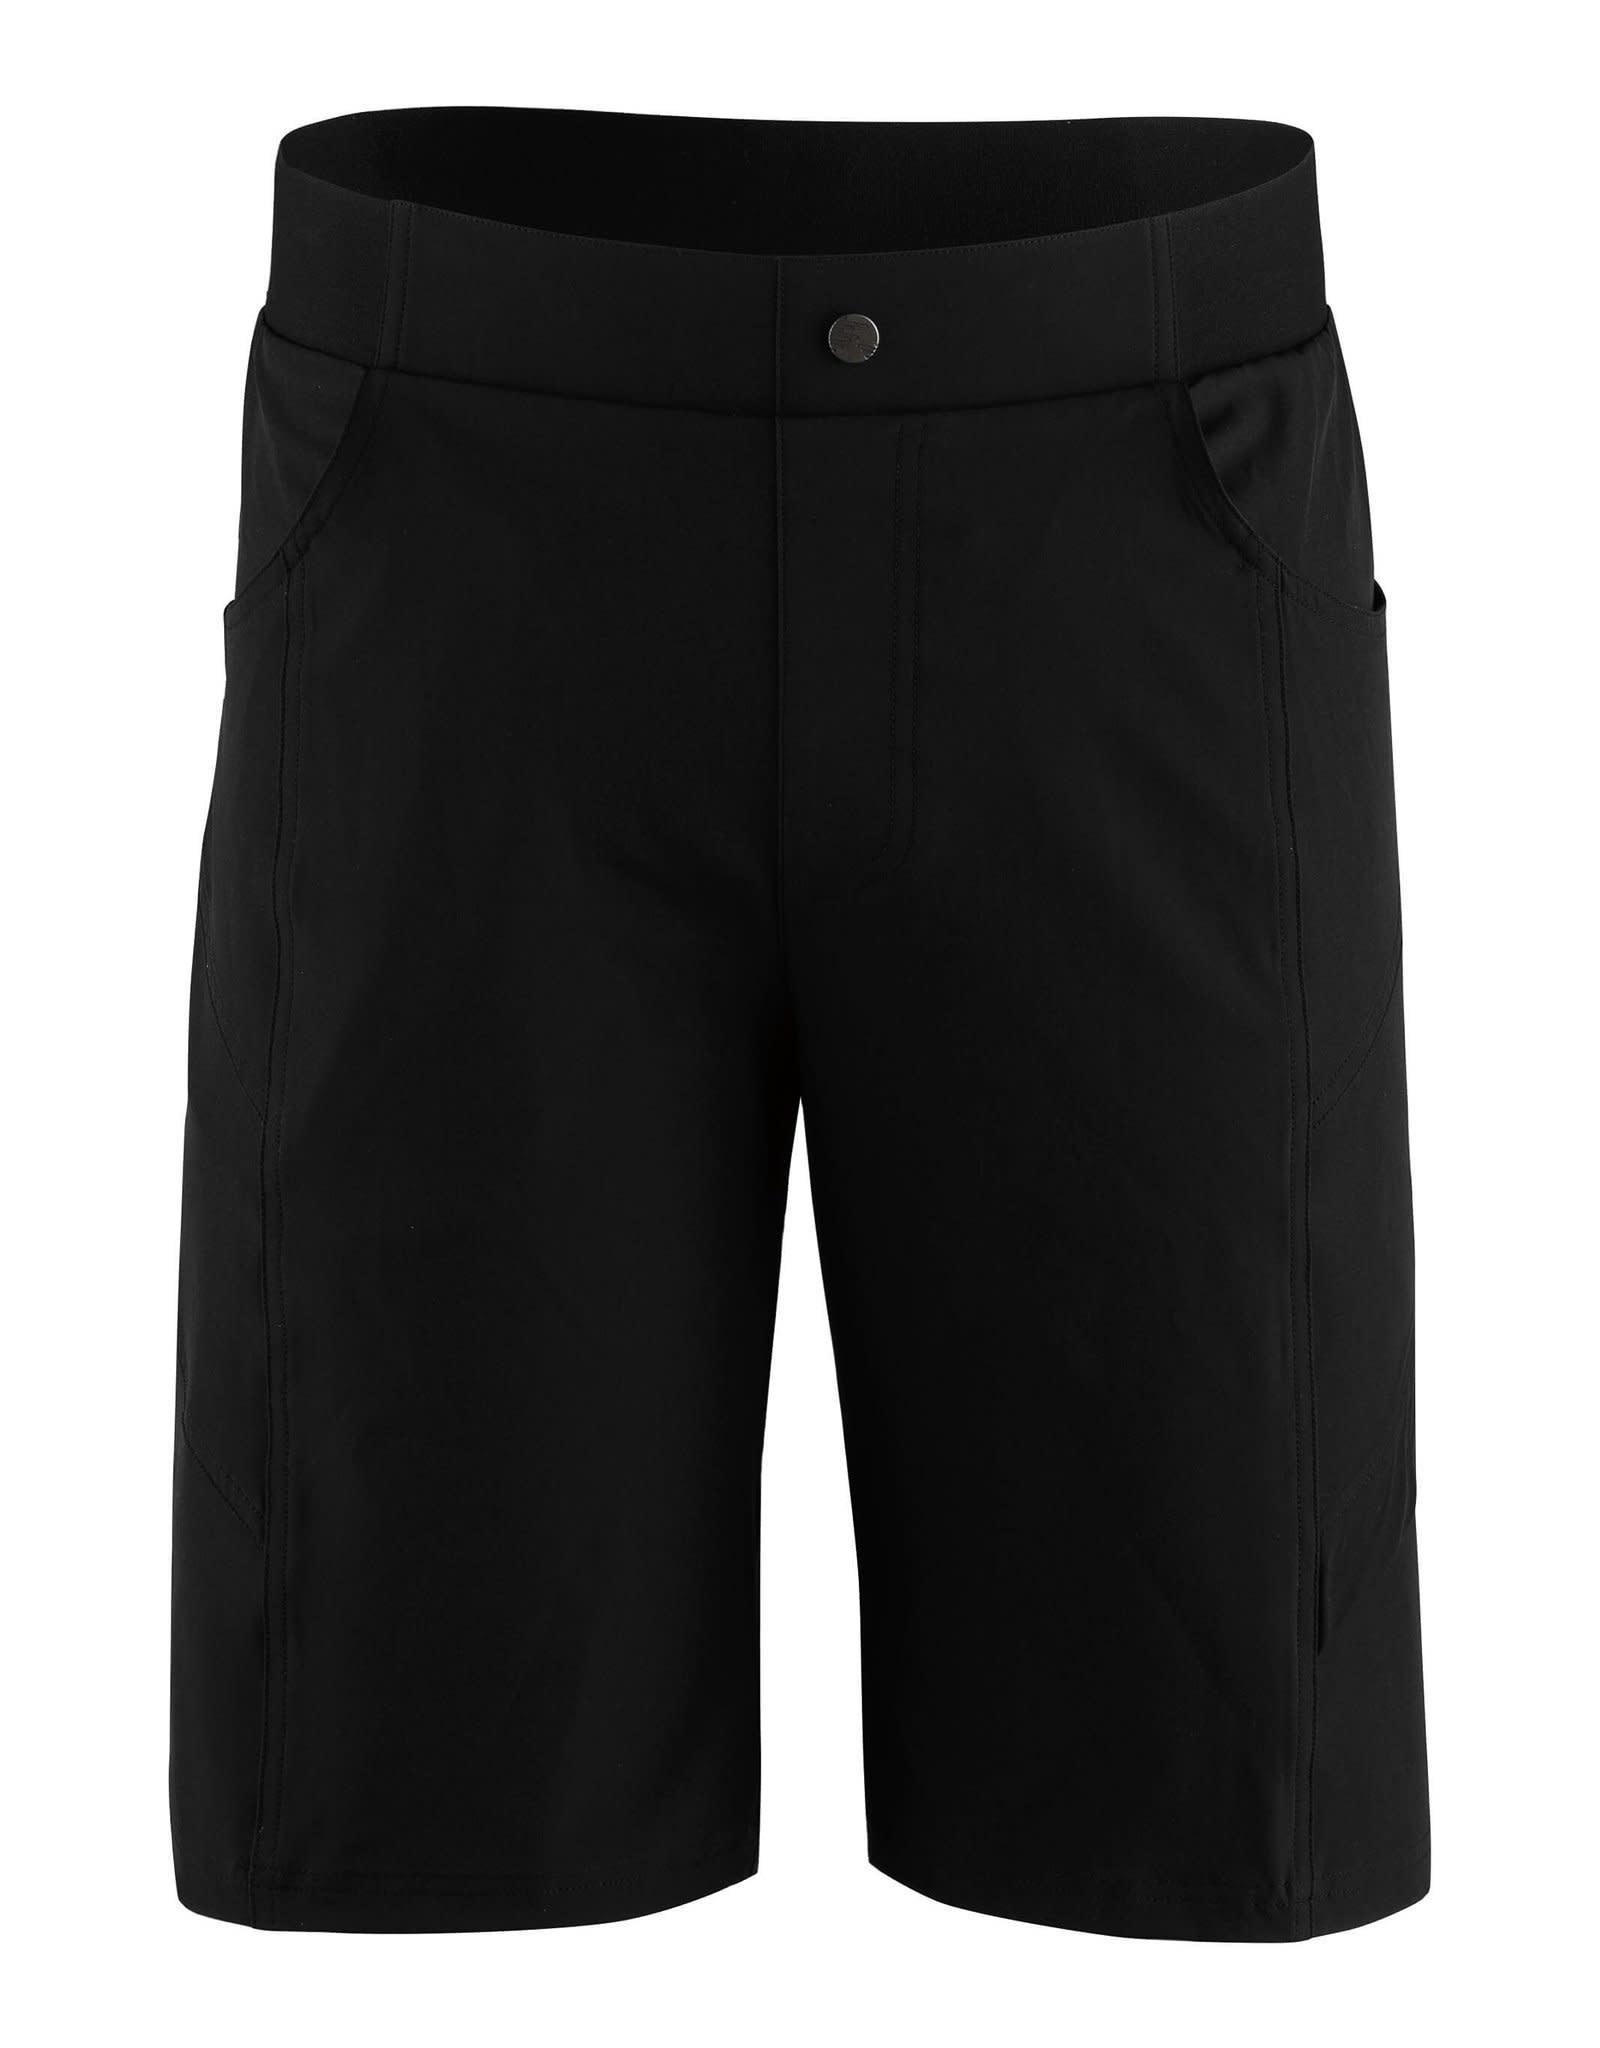 LOUIS GARNEAU LOUIS GARNEAU RANGE 2 SHORTS BLACK XL